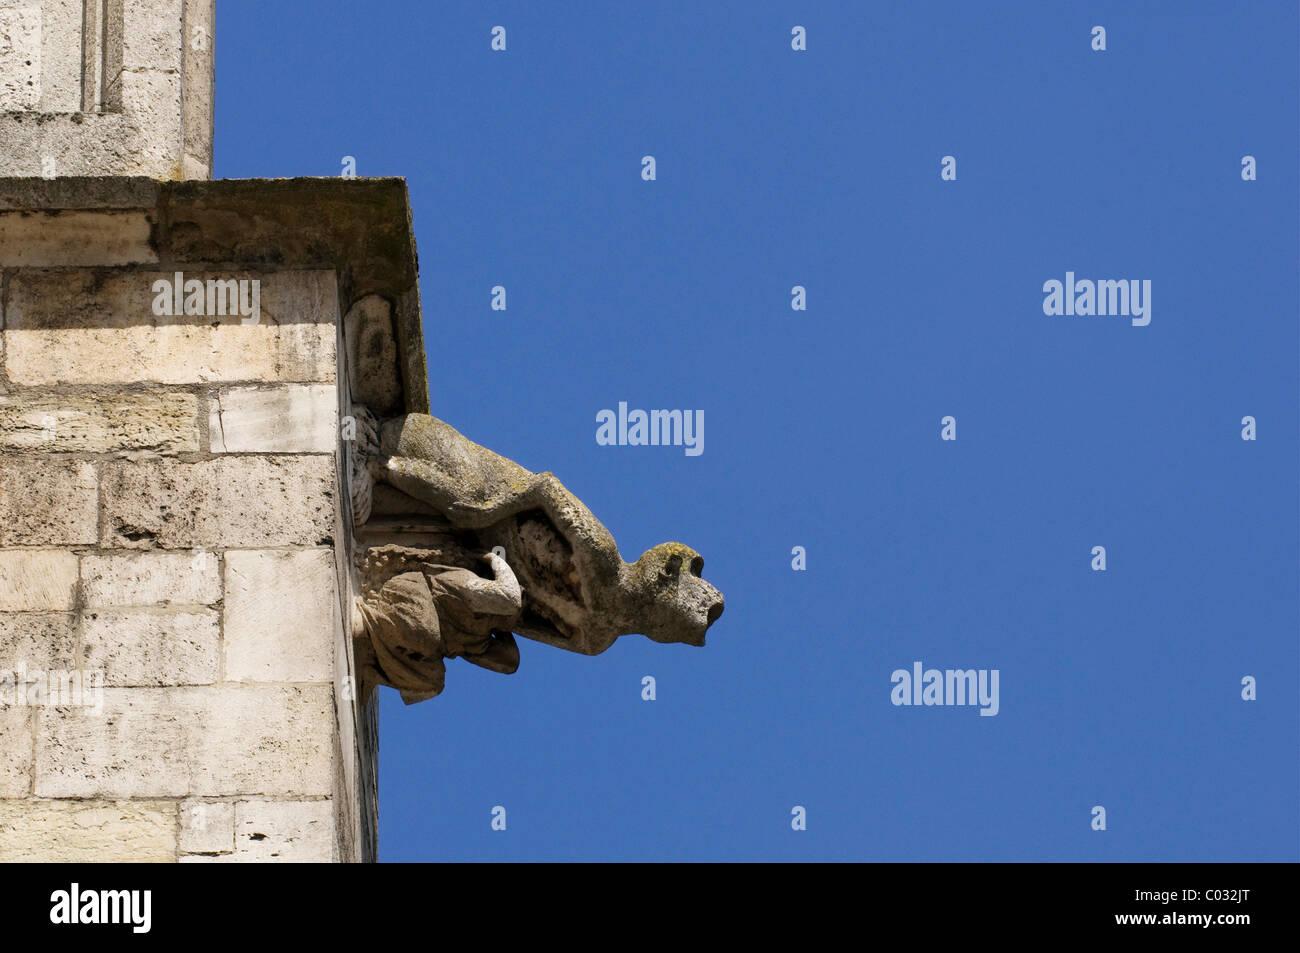 Gargoyle, singe, sculpture sur la façade de la cathédrale de Regensburg, Regensburg, Haut-Palatinat, Bavaria, Photo Stock